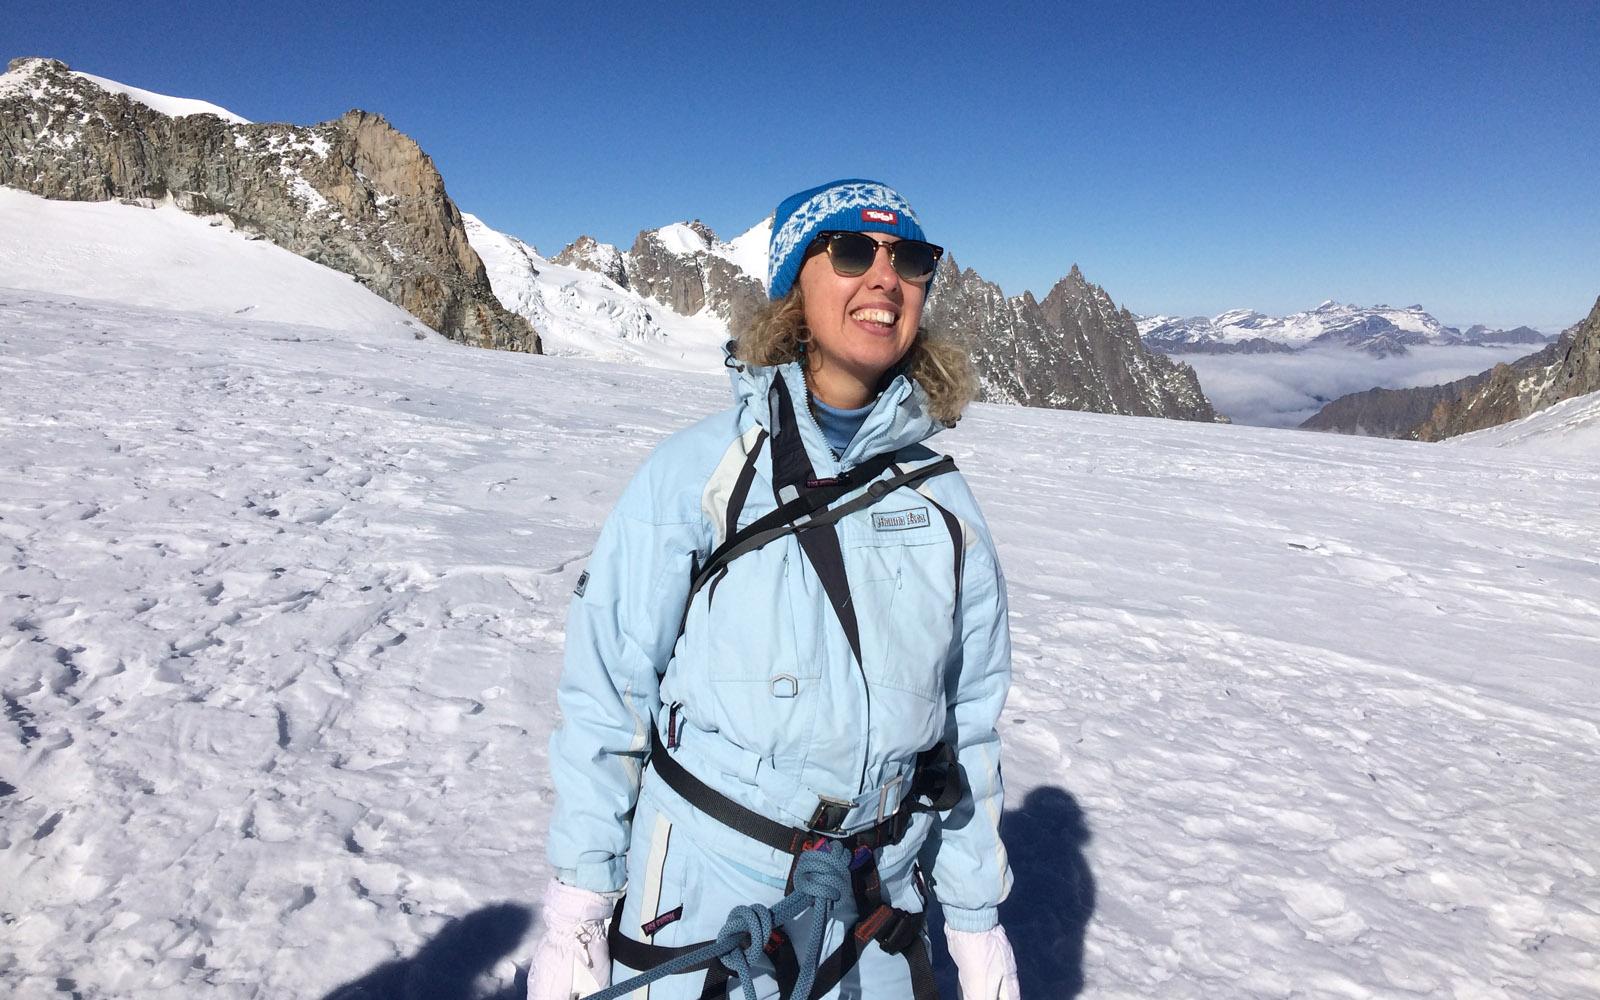 Sui ramponi Monte Bianco Il ghiacciaio del Monte Bianco